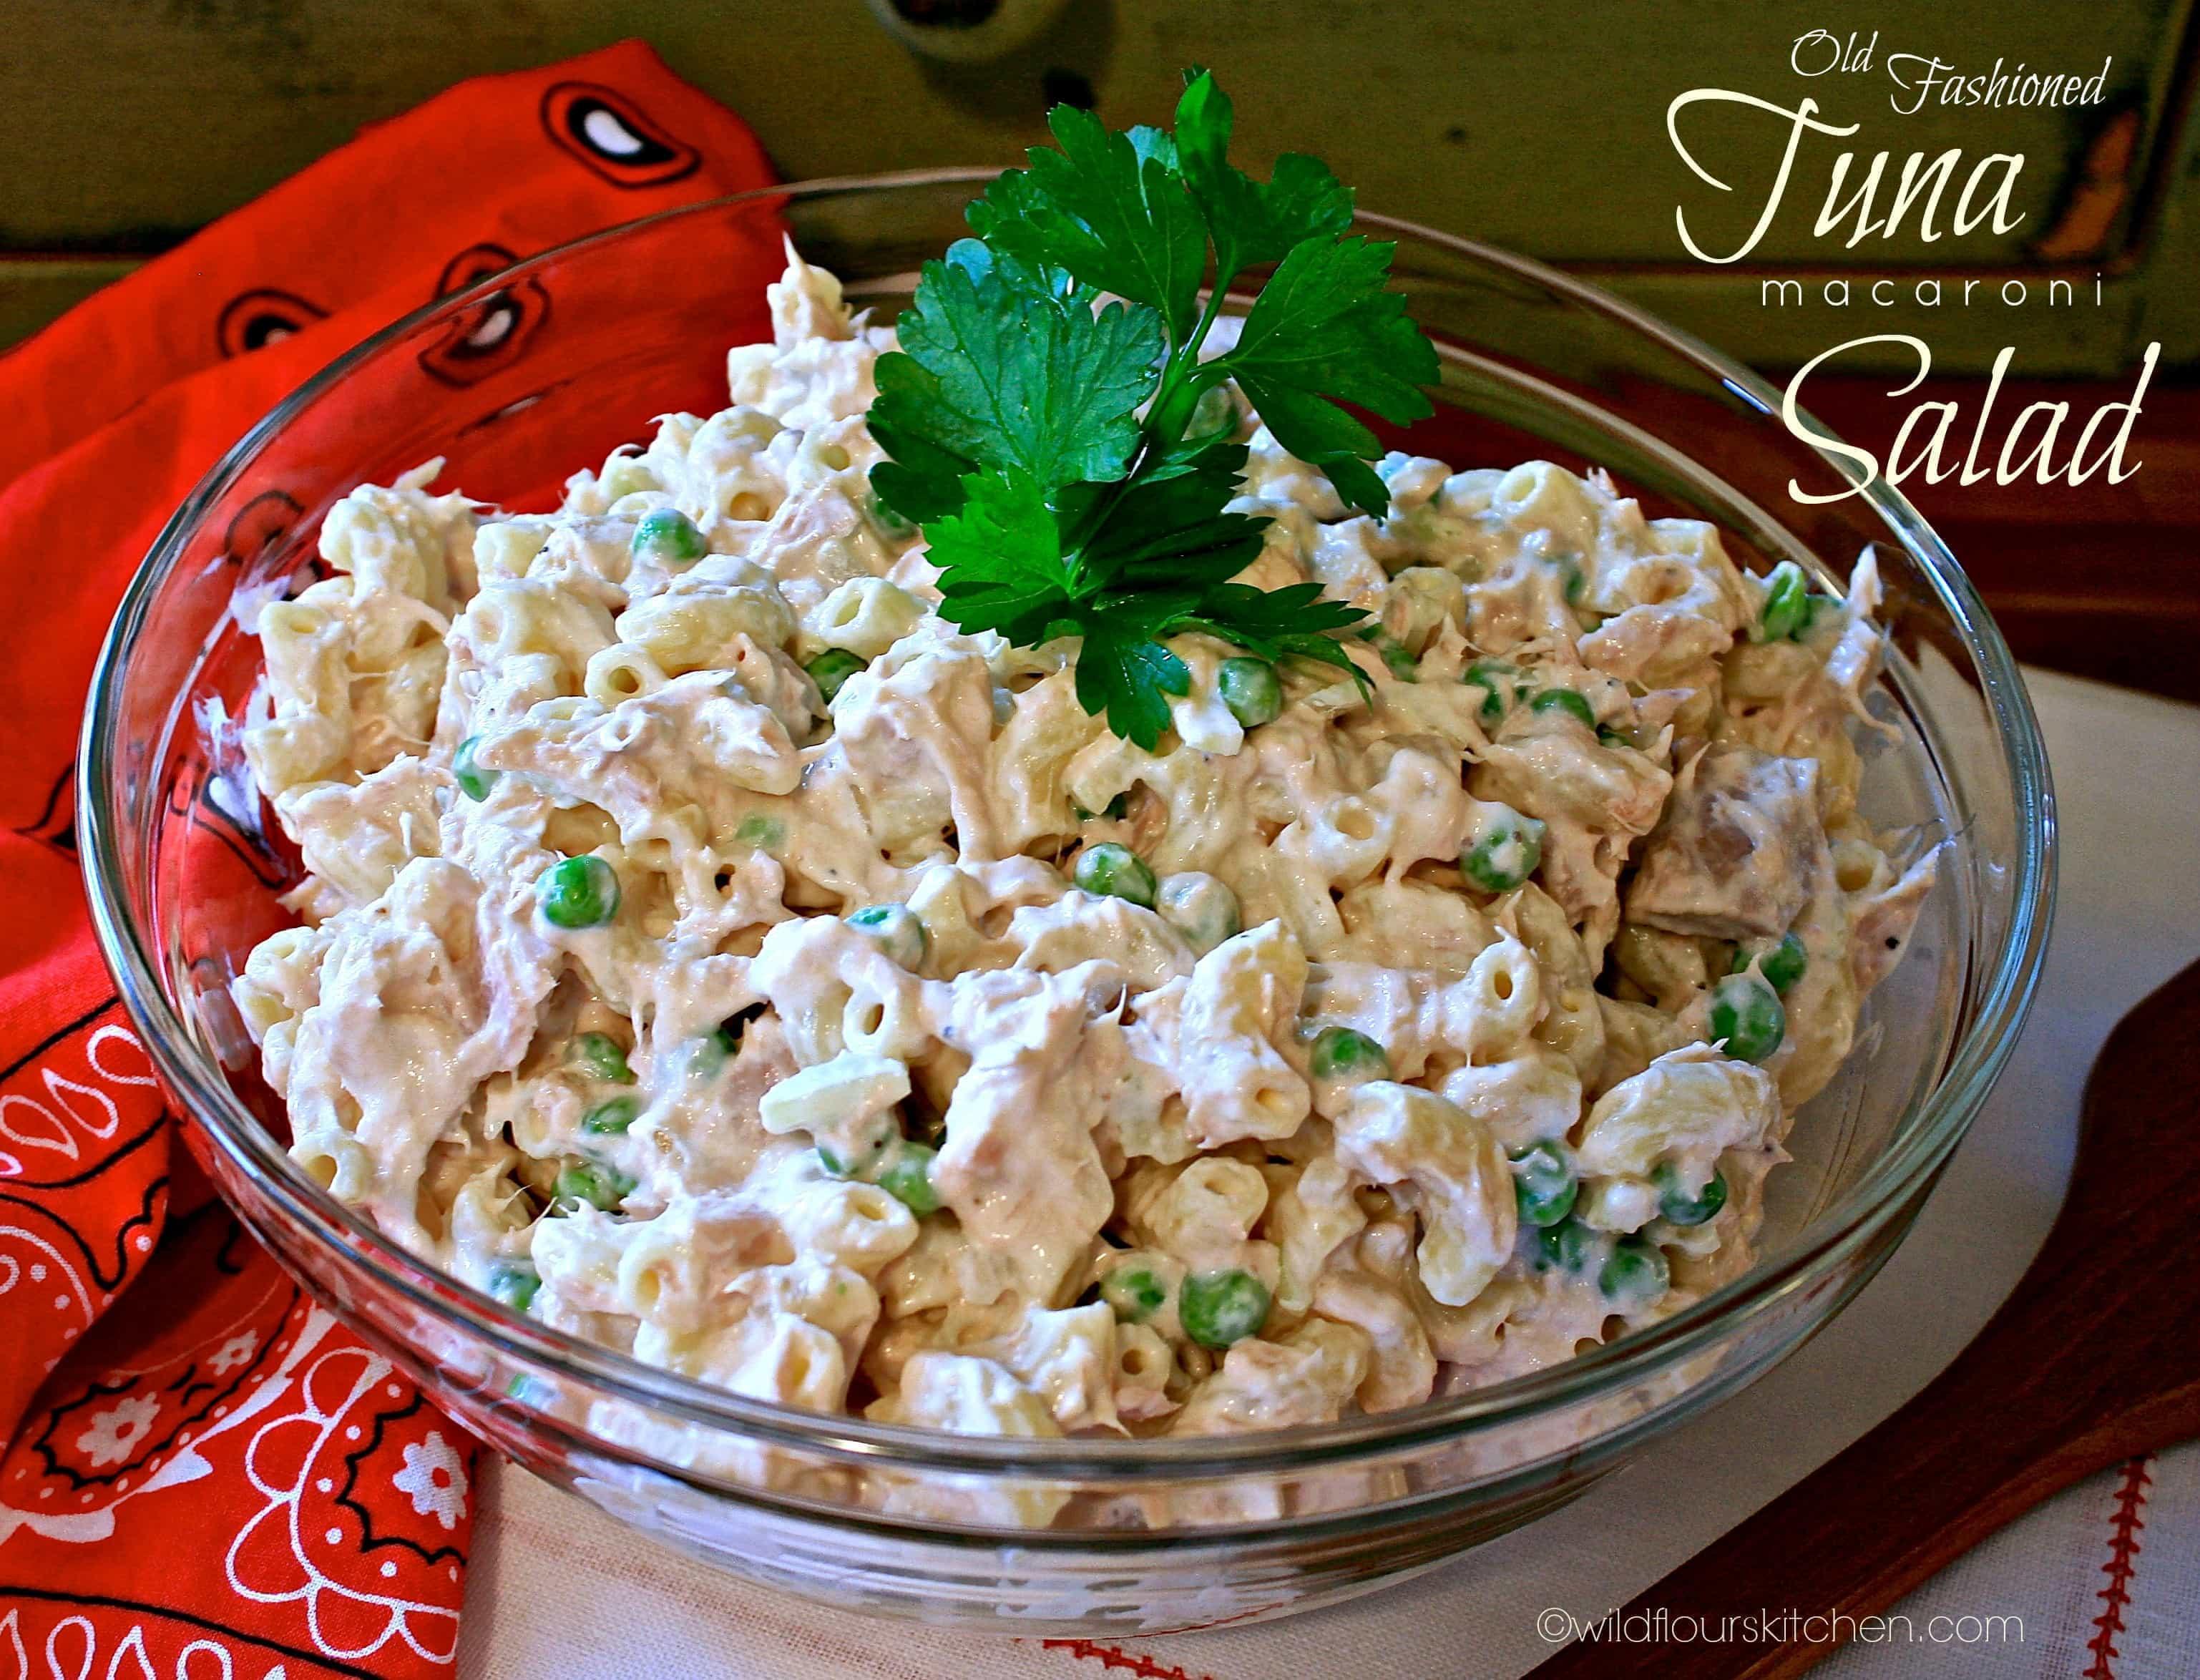 Macaroni Salad With Tuna  Old Fashioned Tuna Macaroni Salad Wildflour s Cottage